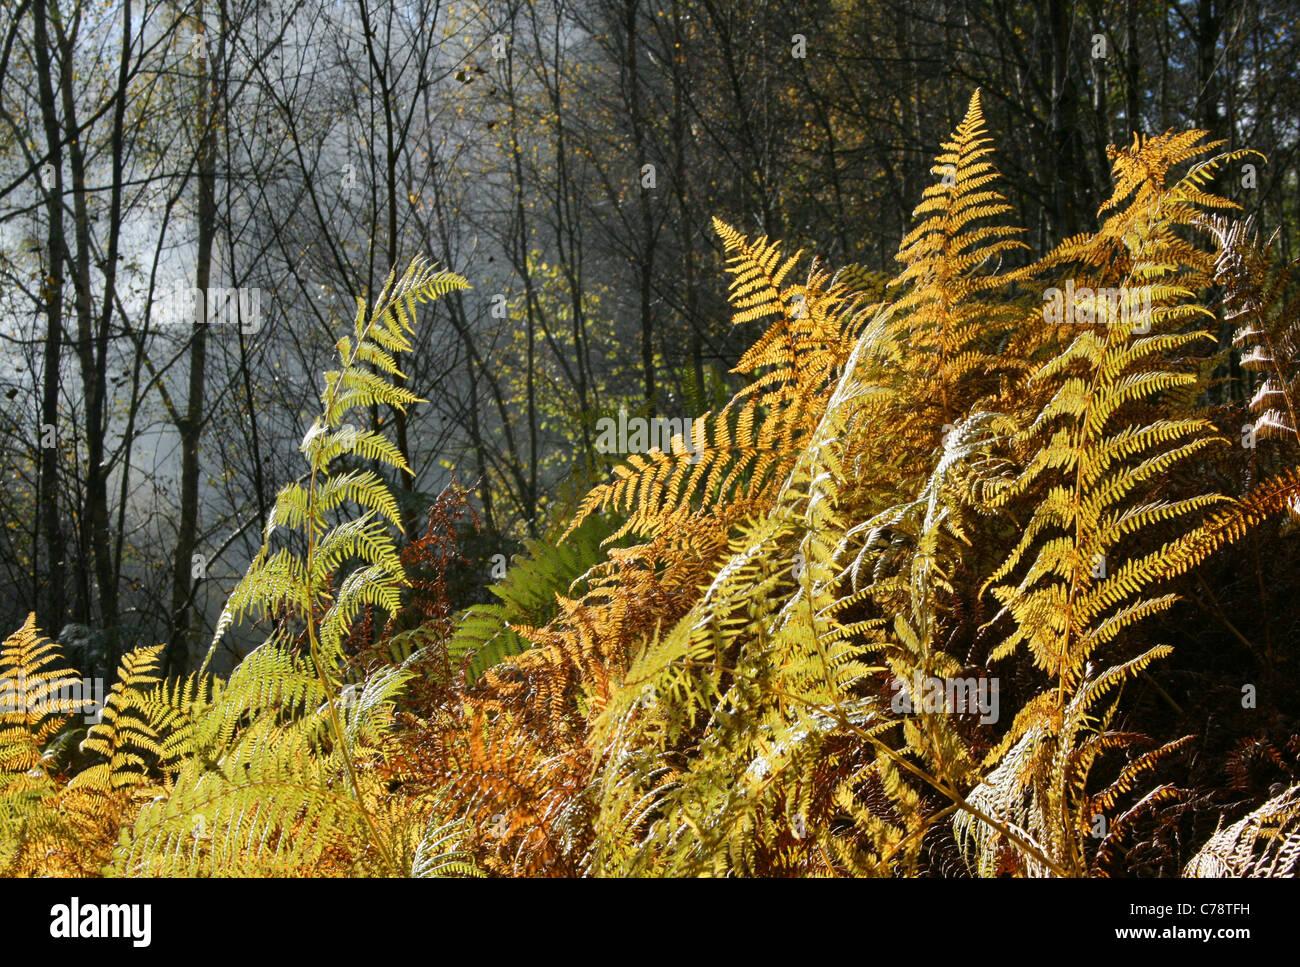 Couleurs d'automne en fougère (Pteridium aquilinum), Bowdown Woods nature reserve, Berkshire. Banque D'Images